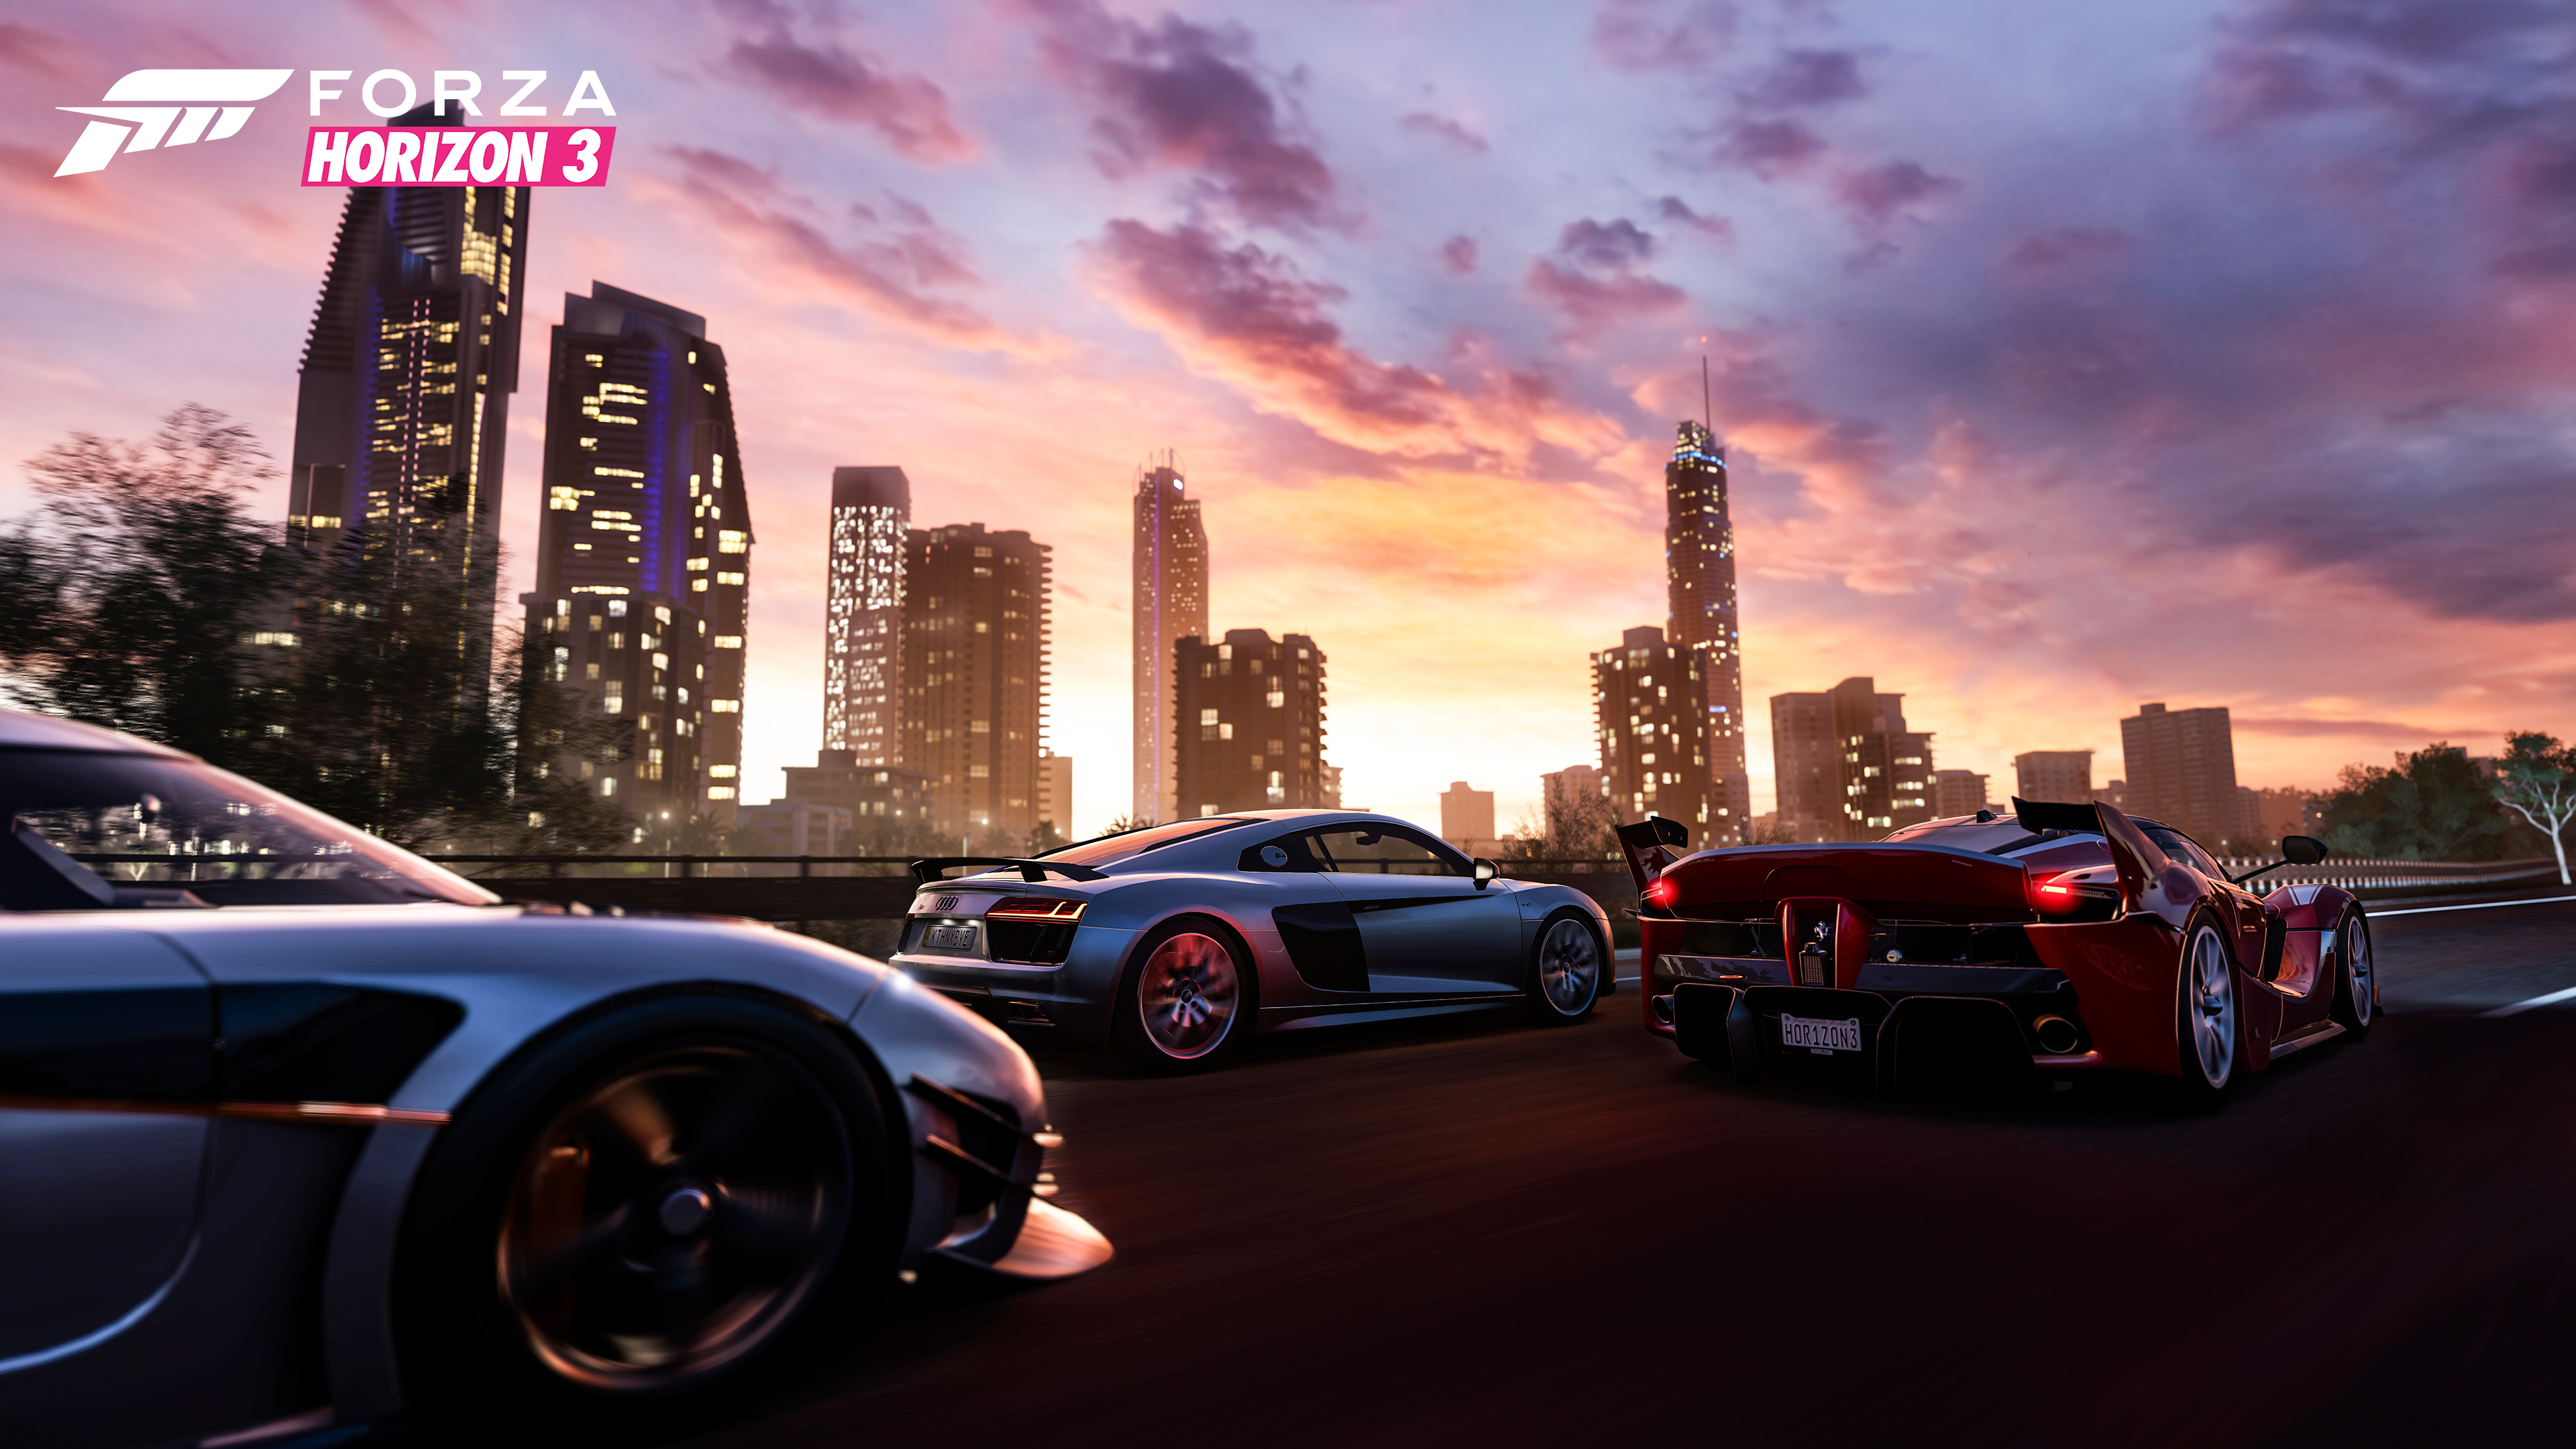 Dziś debiutuje pierwszy dodatek do Forza Horizon 3 – Blizzard Mountain